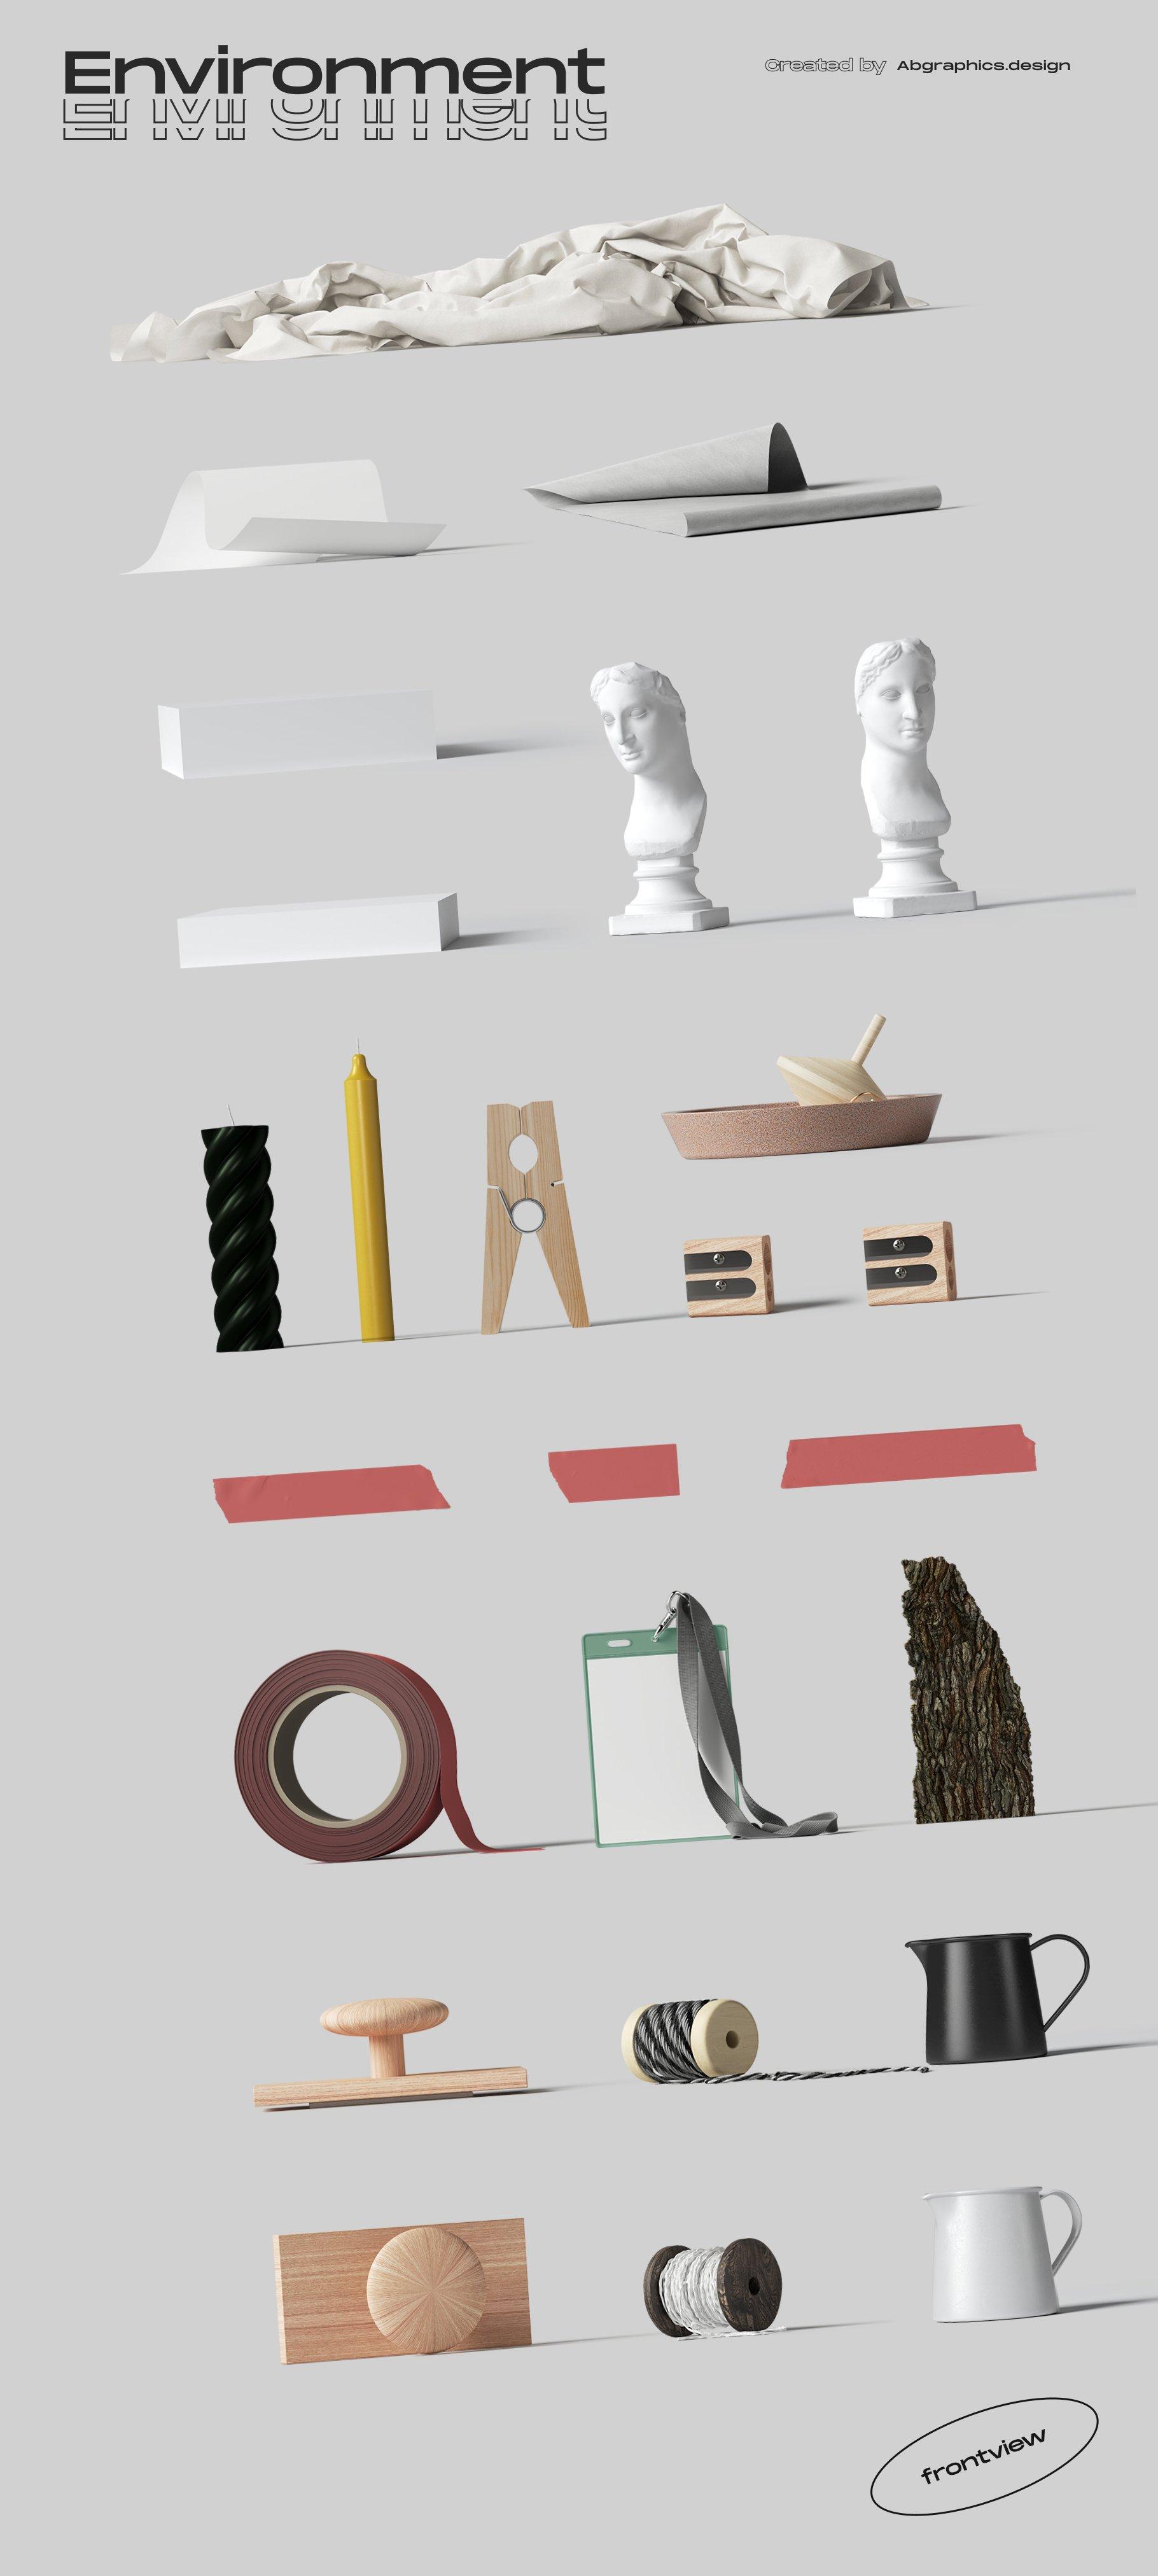 [淘宝购买] 超大品牌VI包装设计PS智能贴图样机模板素材 The Scene Creator 2 / Frontview插图(40)